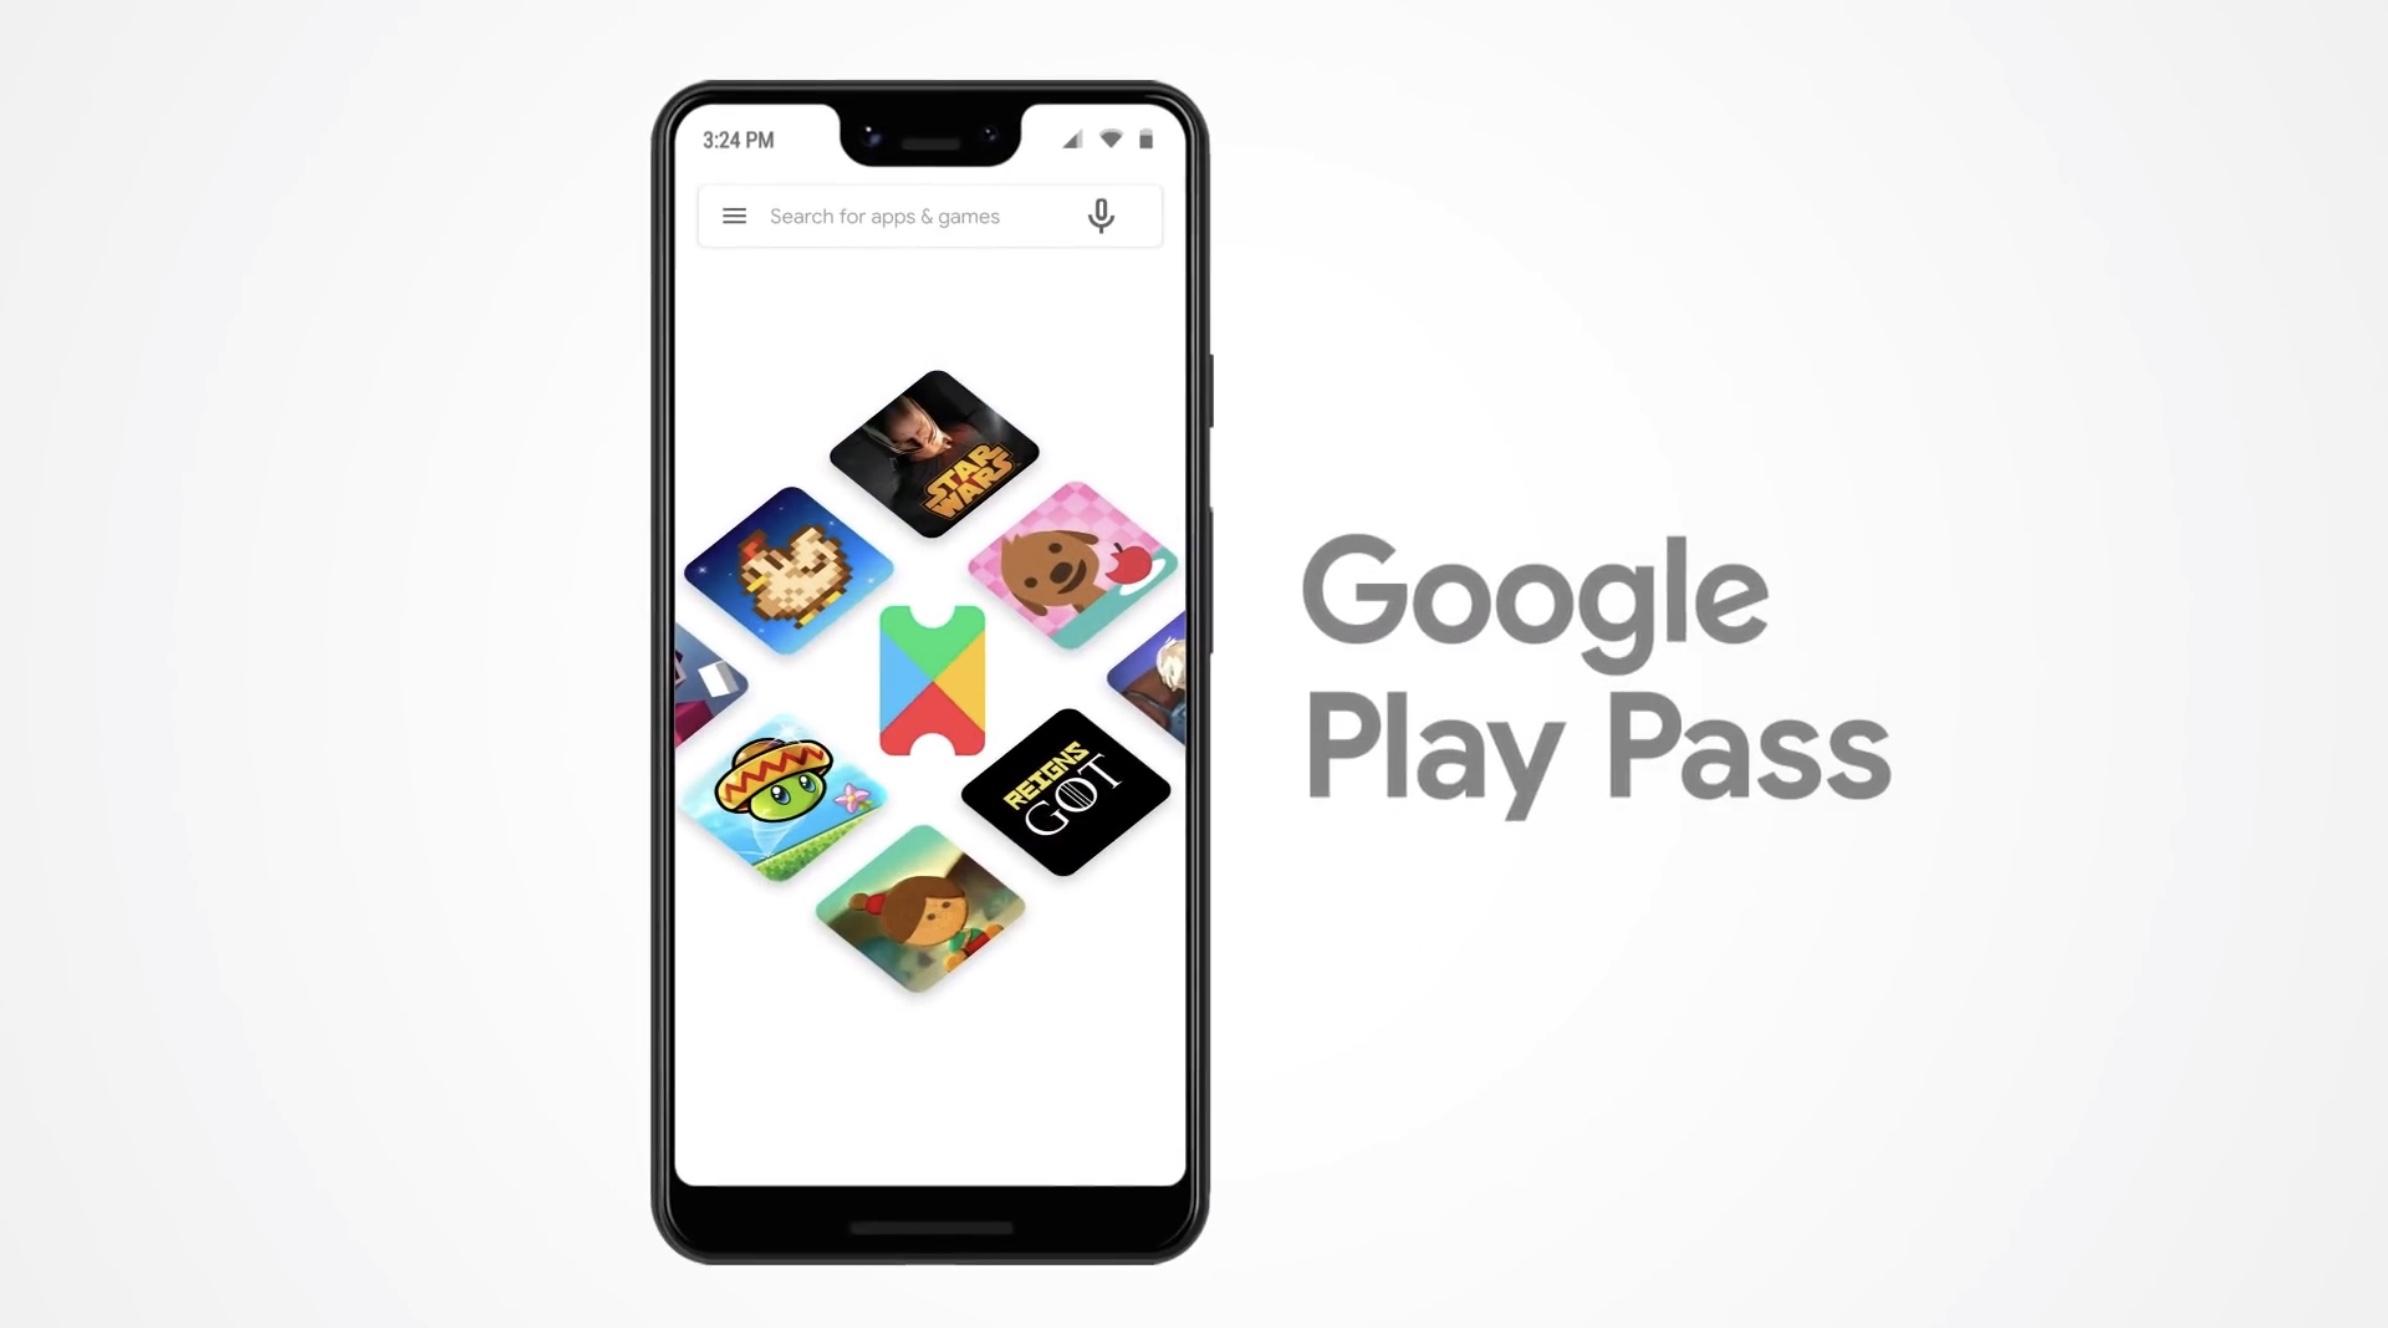 Google、ゲームもアプリも遊び放題の「Play Pass」登場。月額4.99ドル